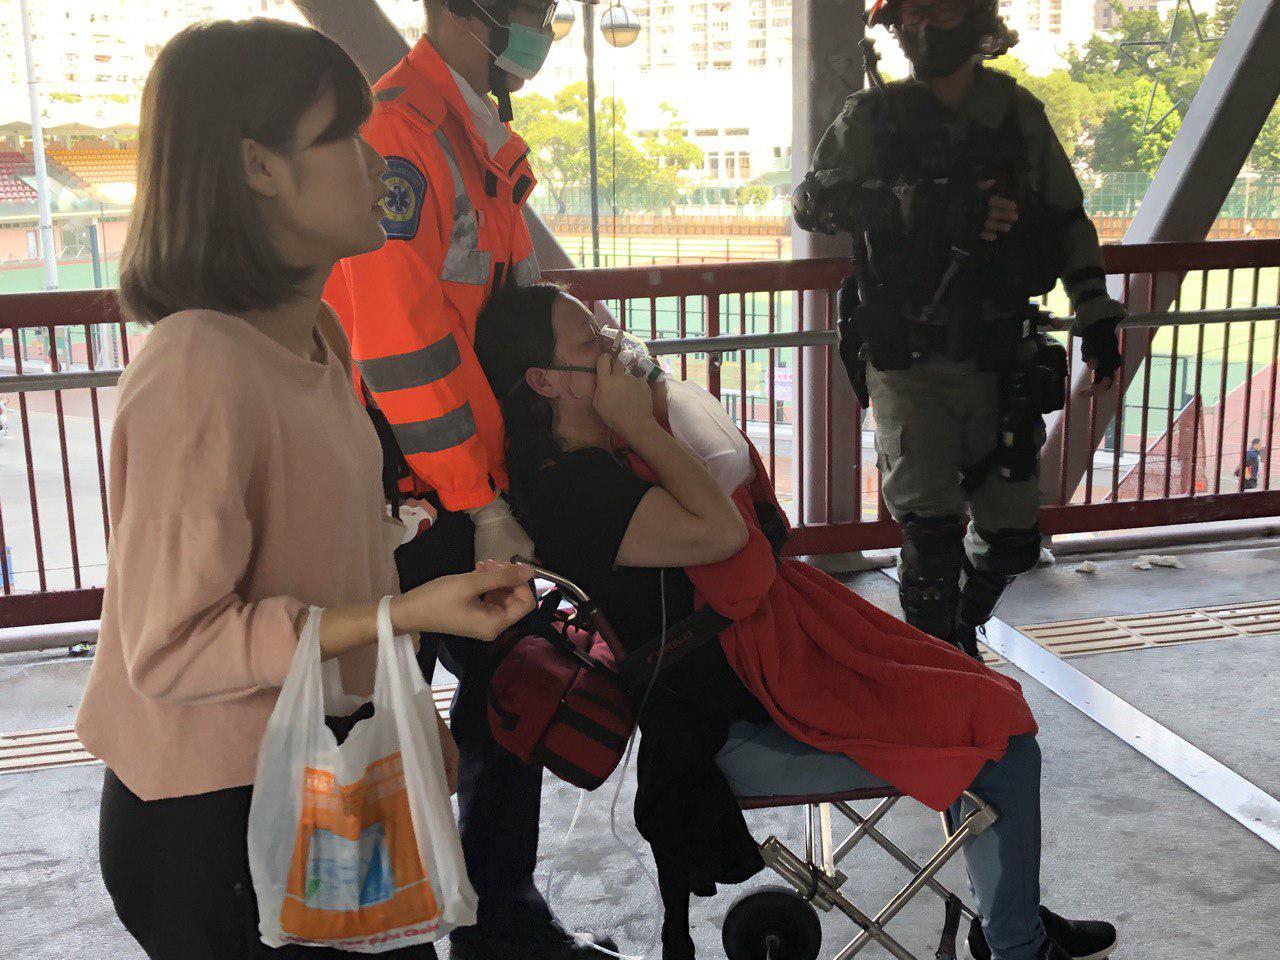 11日早,在荃灣,警察近距離、長時間向一女性噴胡椒噴霧。(余天佑/大紀元)